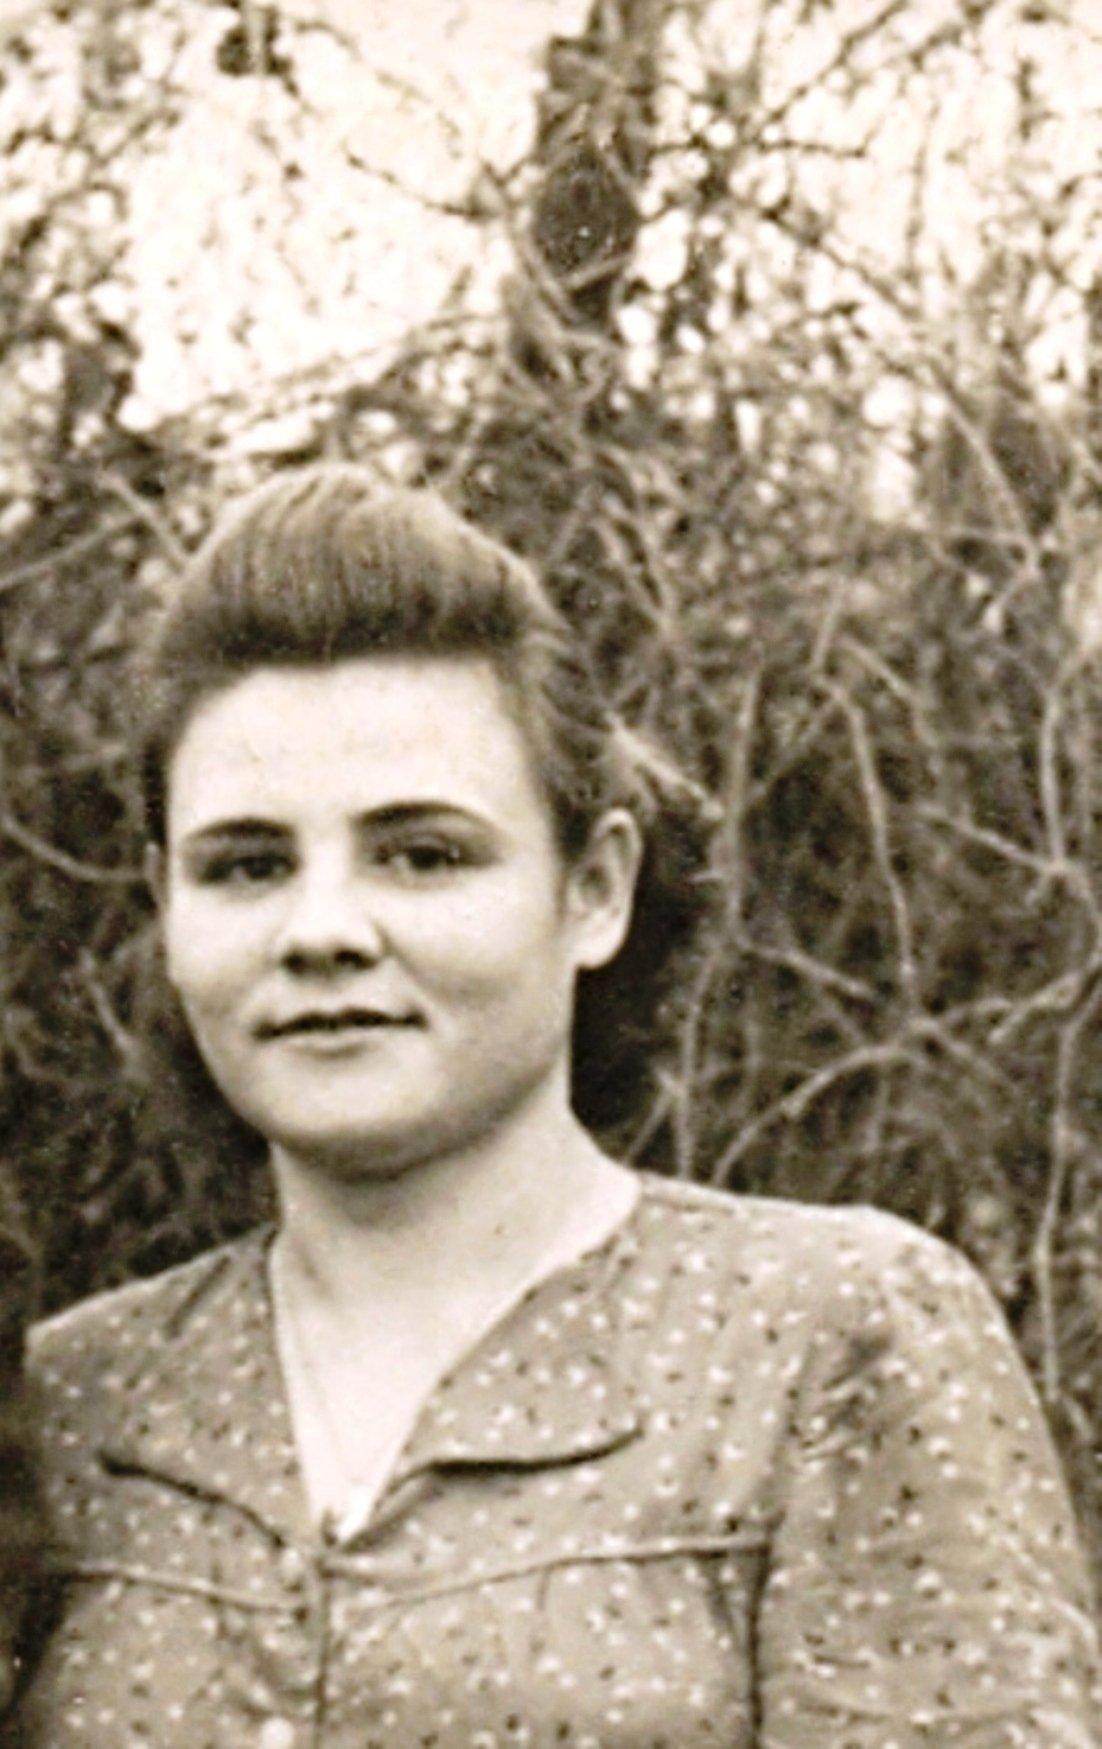 002. Воспоминание о маме, в её день рождения, 2-го марта... (9) - 01.